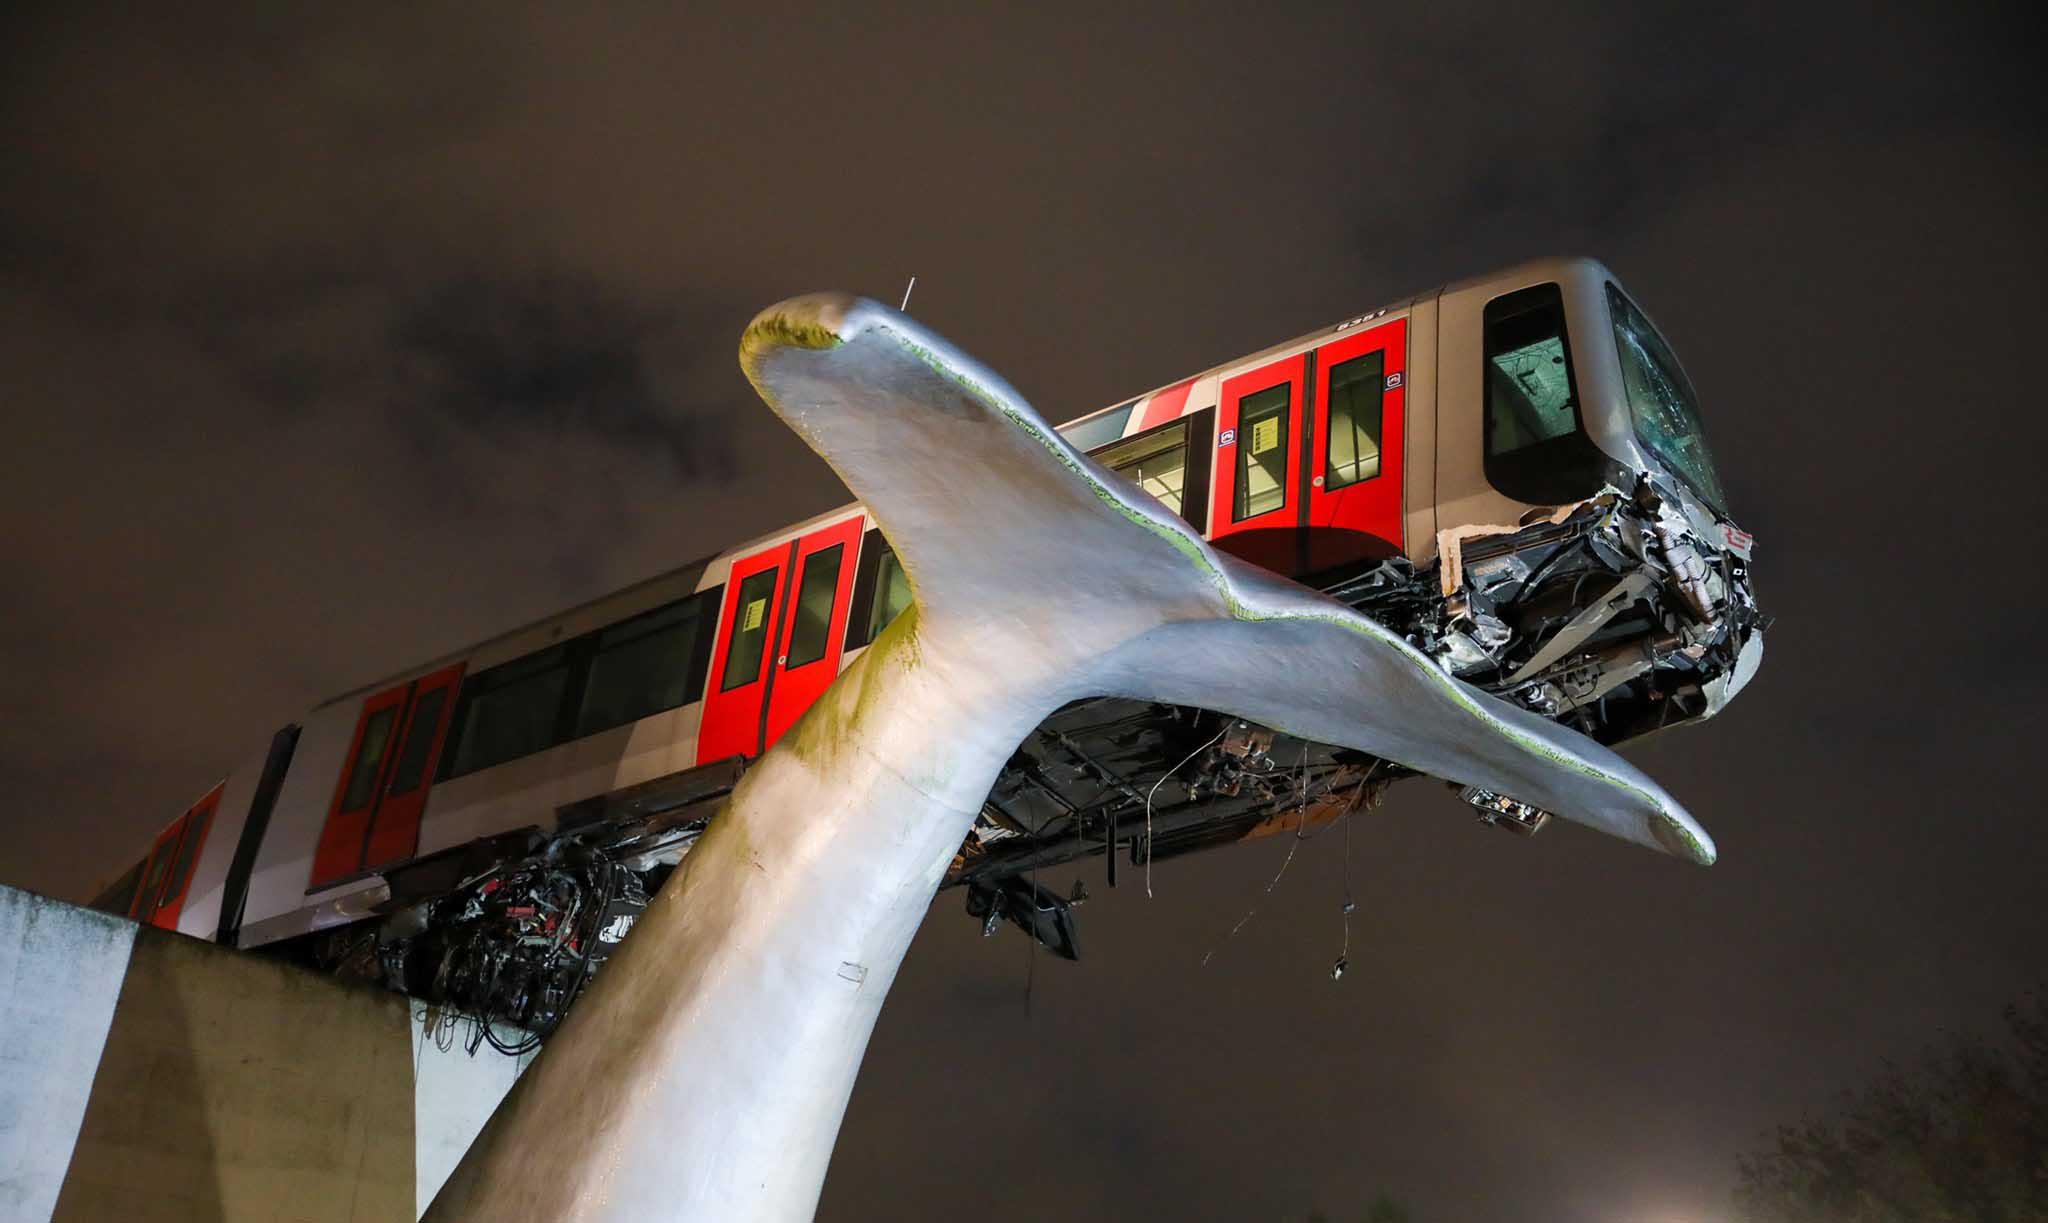 """شاهدوا.. مترو أنفاق بروتردام الهولندية """"معلق"""" في الهواء بعد اصطدامه بنصب فني"""